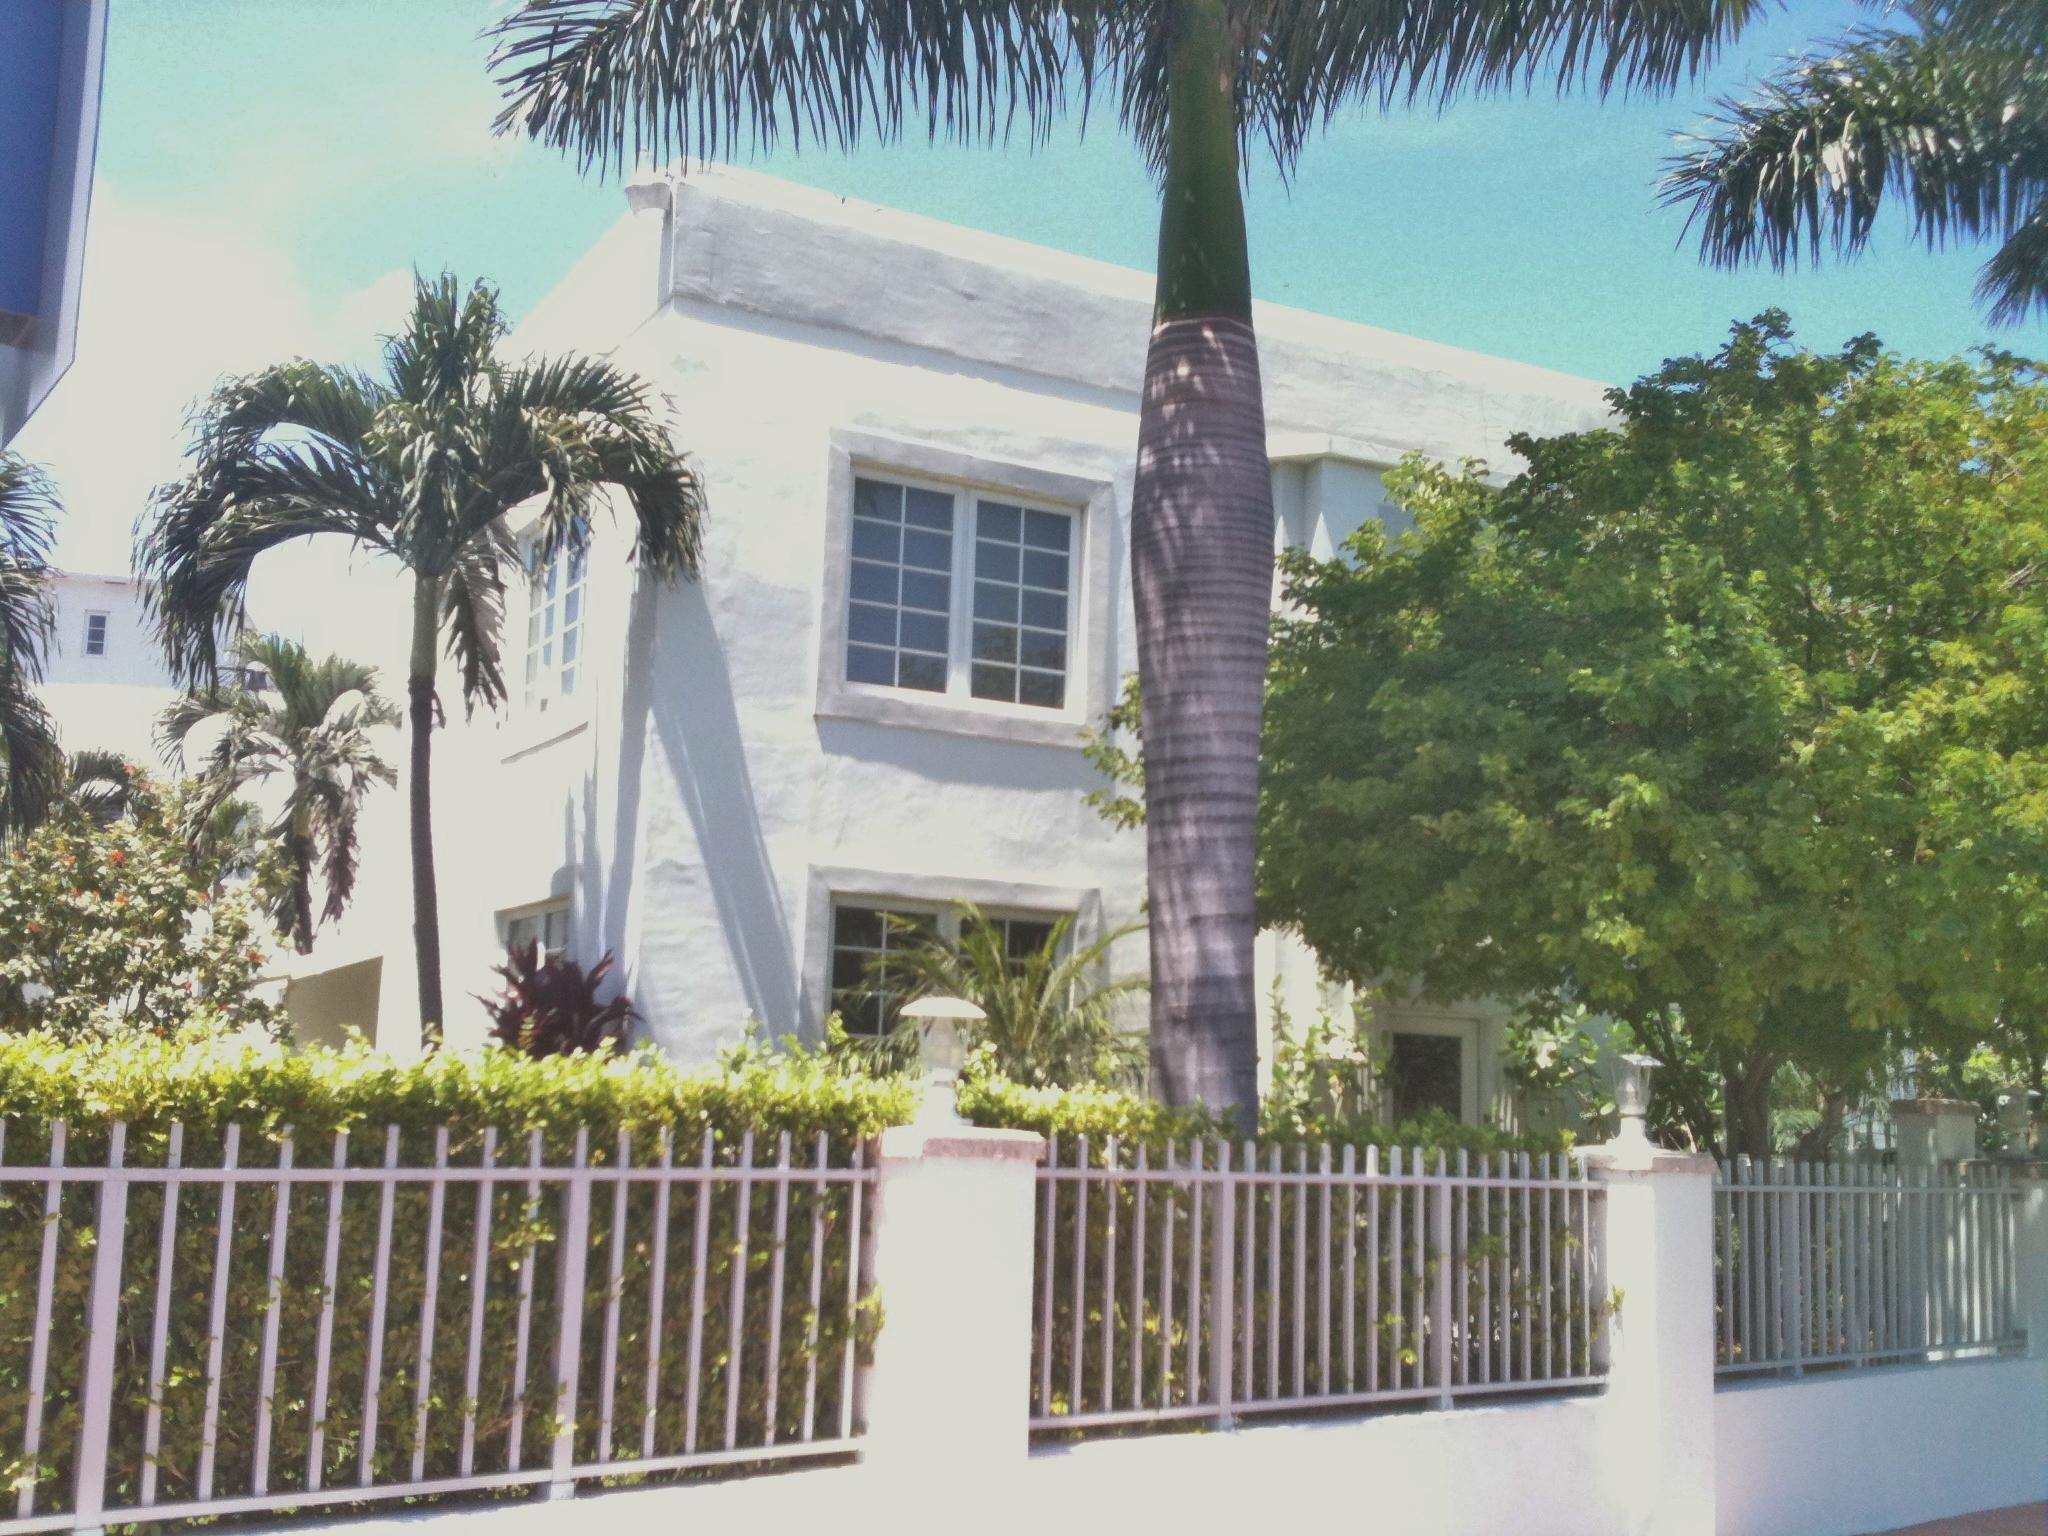 Tinas Para Baño Lowes:Para Alquilar En Miami Beach Hospedarse en Miami